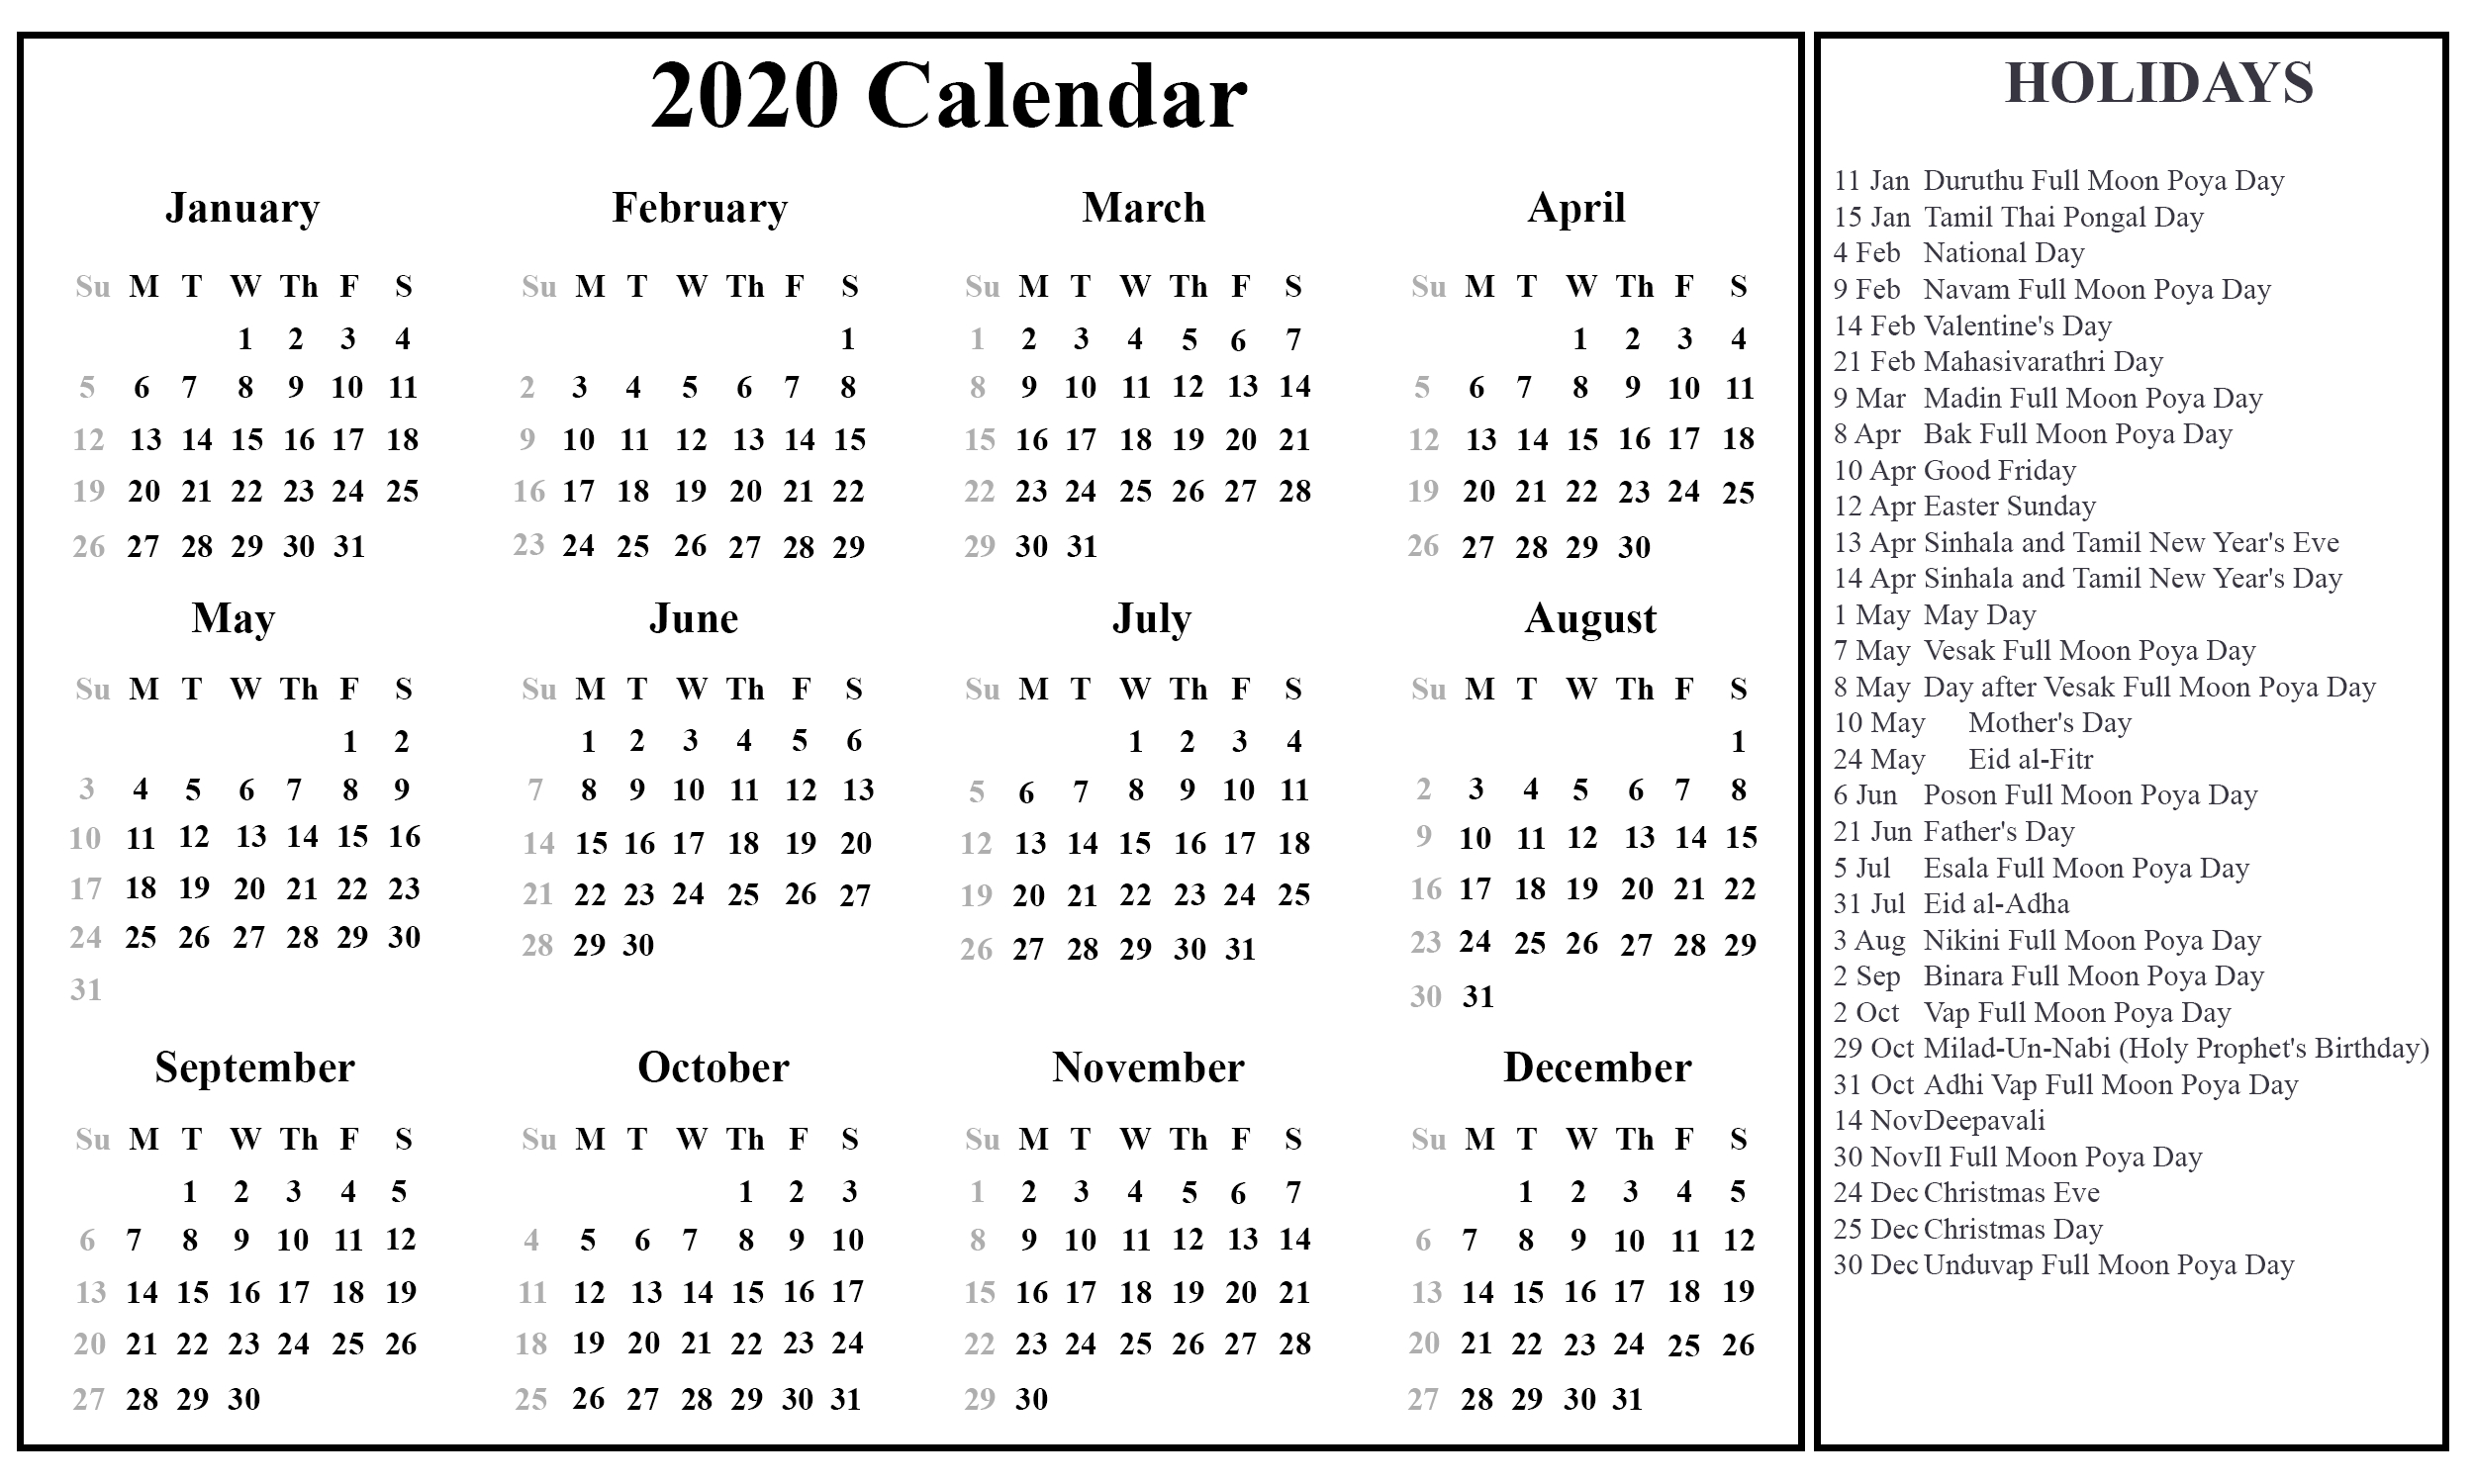 Printable Calendar 2020 With Sri Lanka Holidays | Printable with 2020 Calendar With Holidays